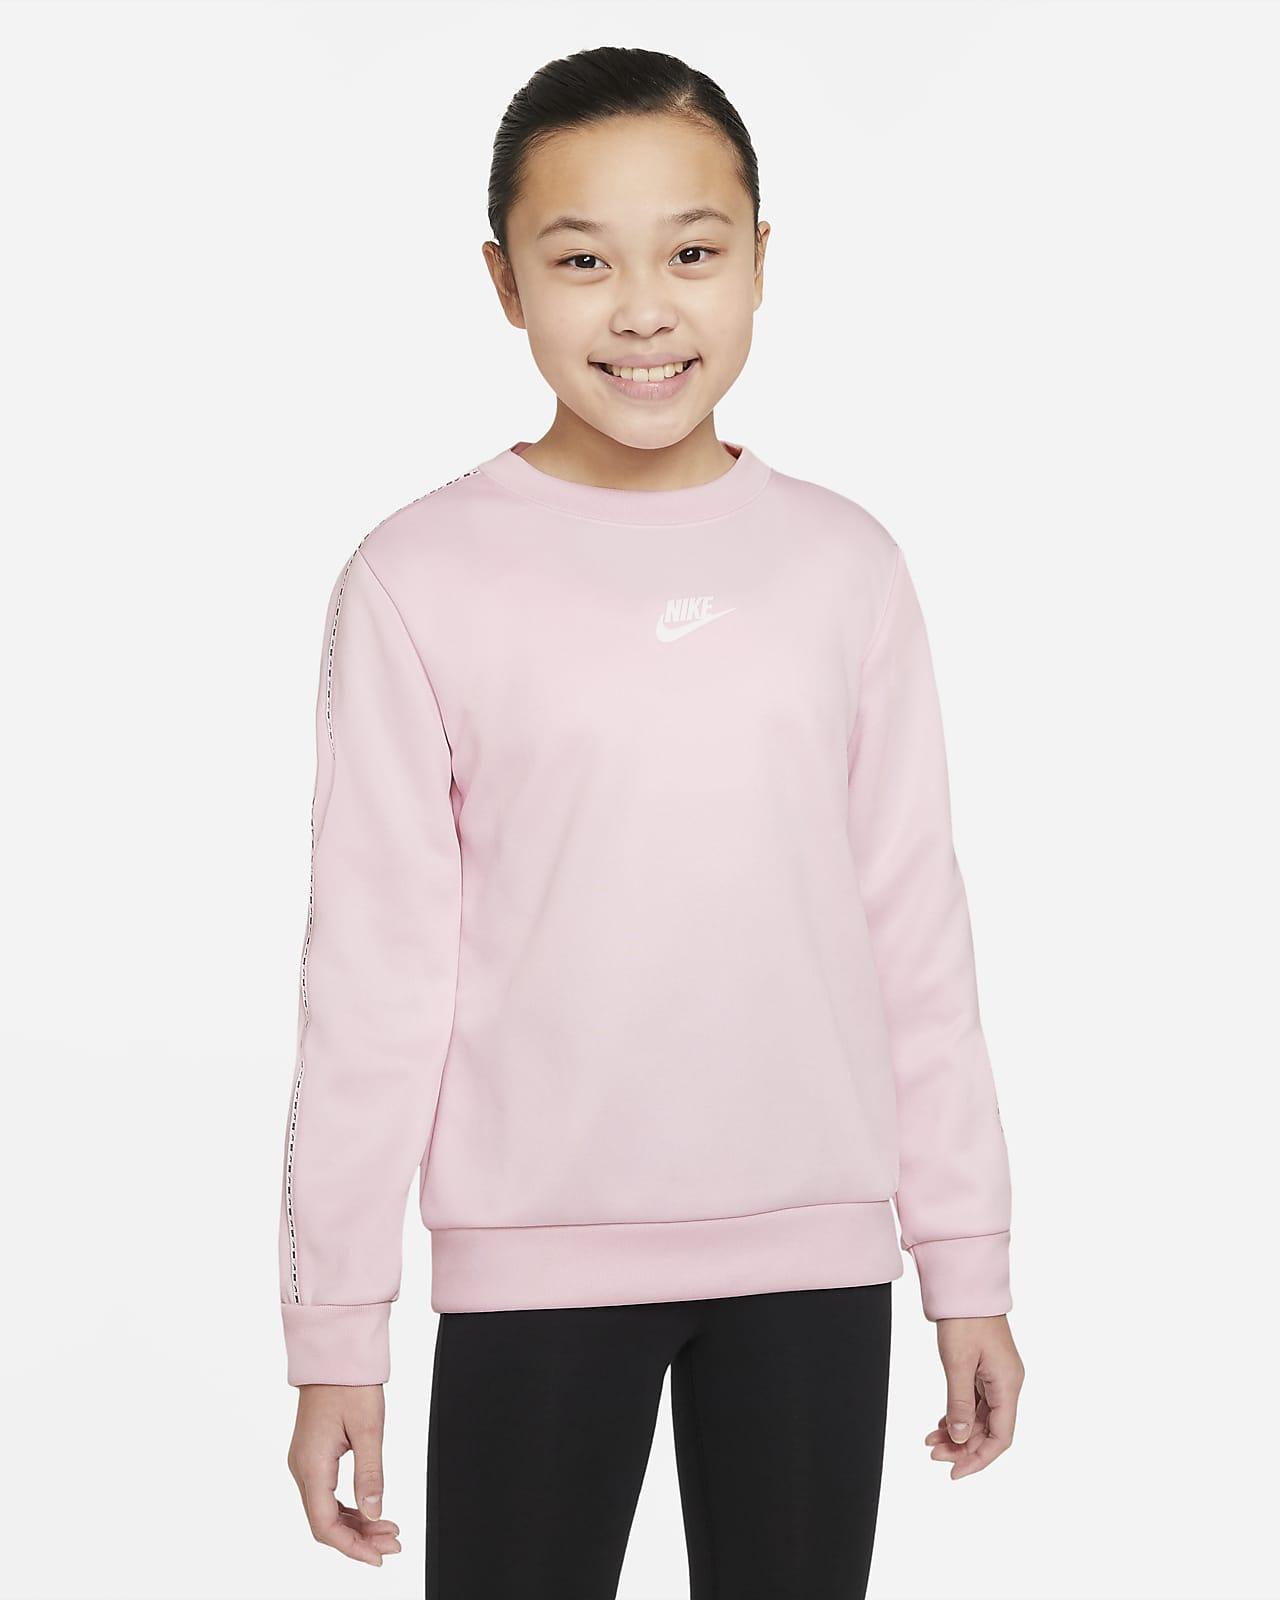 Nike Sportswear Older Kids' (Boys') Crew Sweatshirt